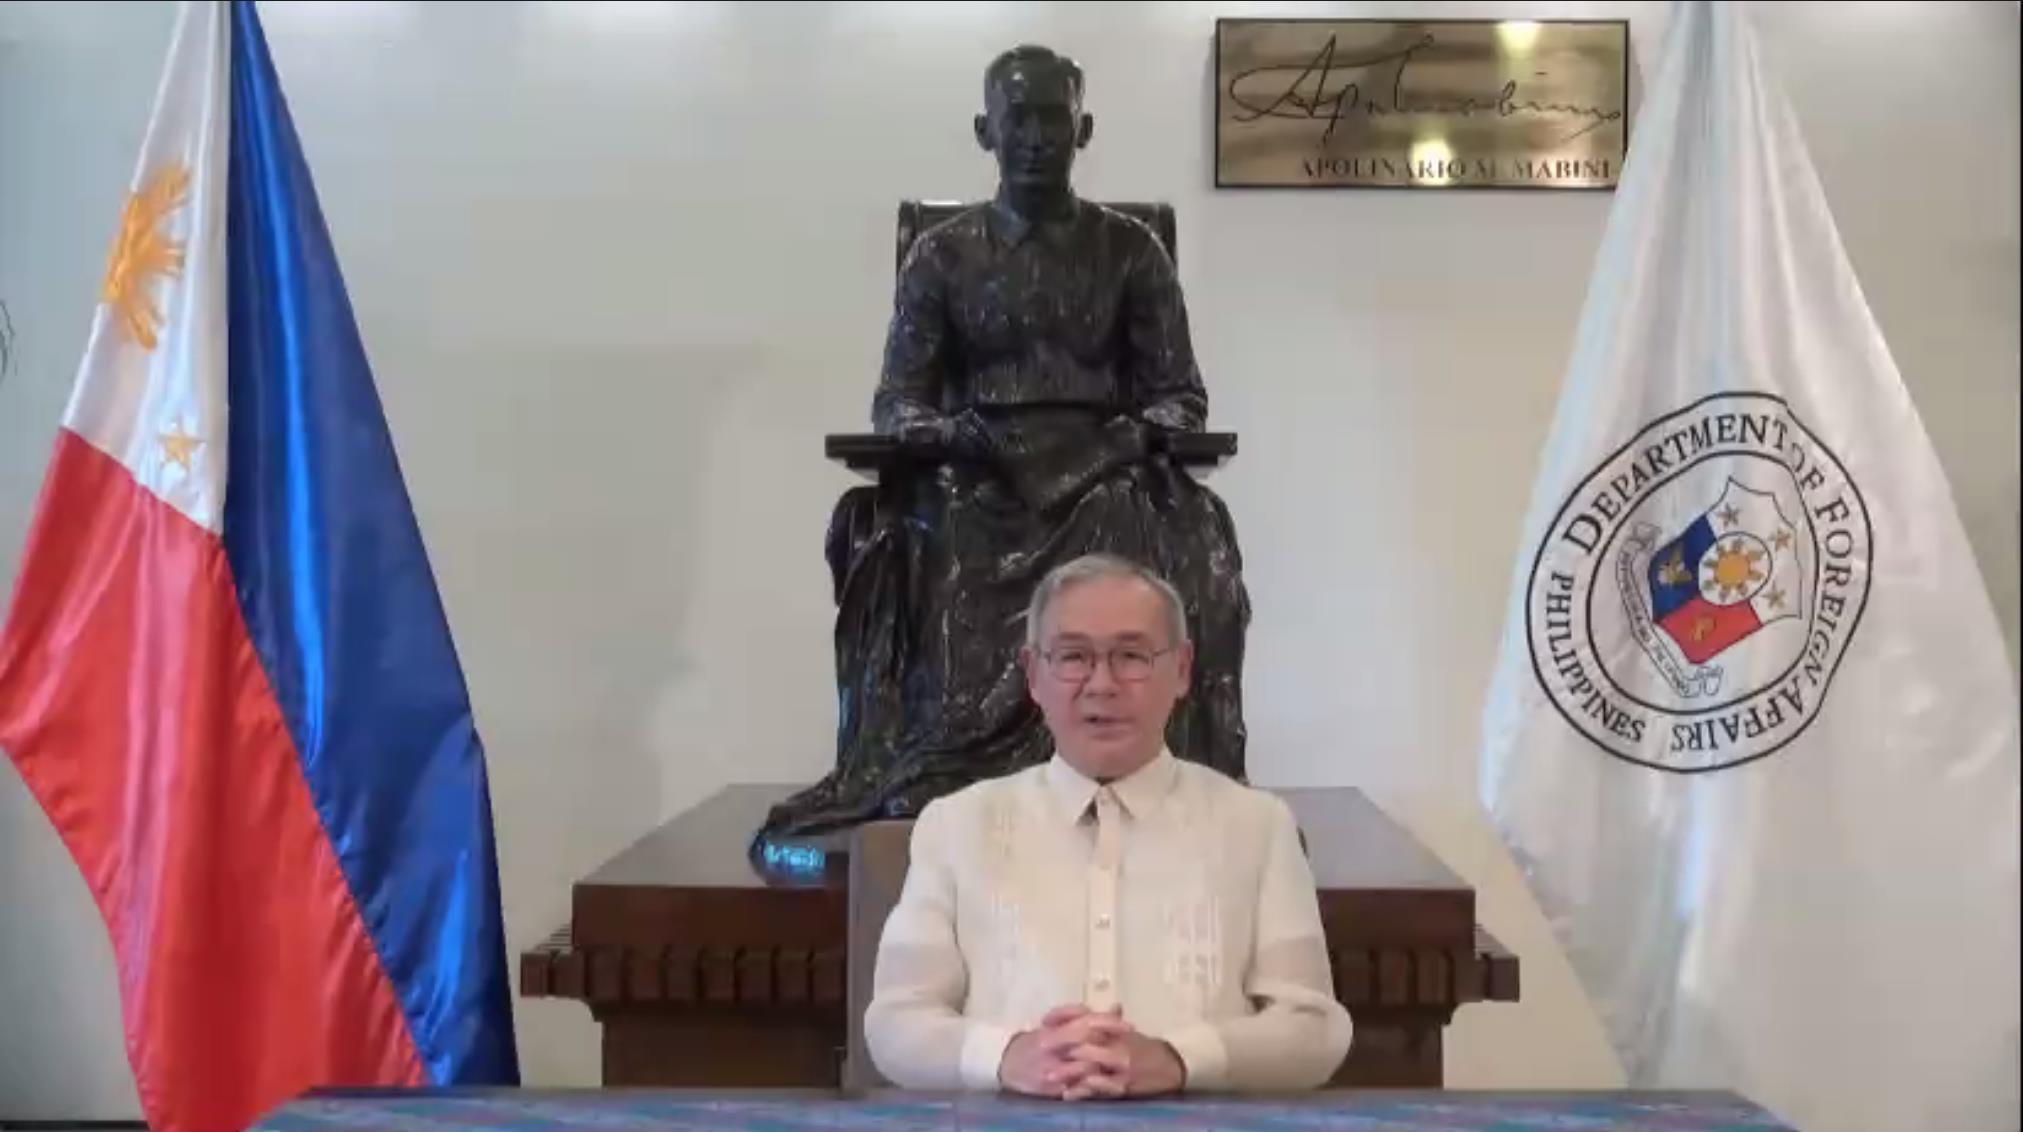 菲律宾-中国抗疫经验交流会:连花清瘟等中医药助力中菲抗疫合作